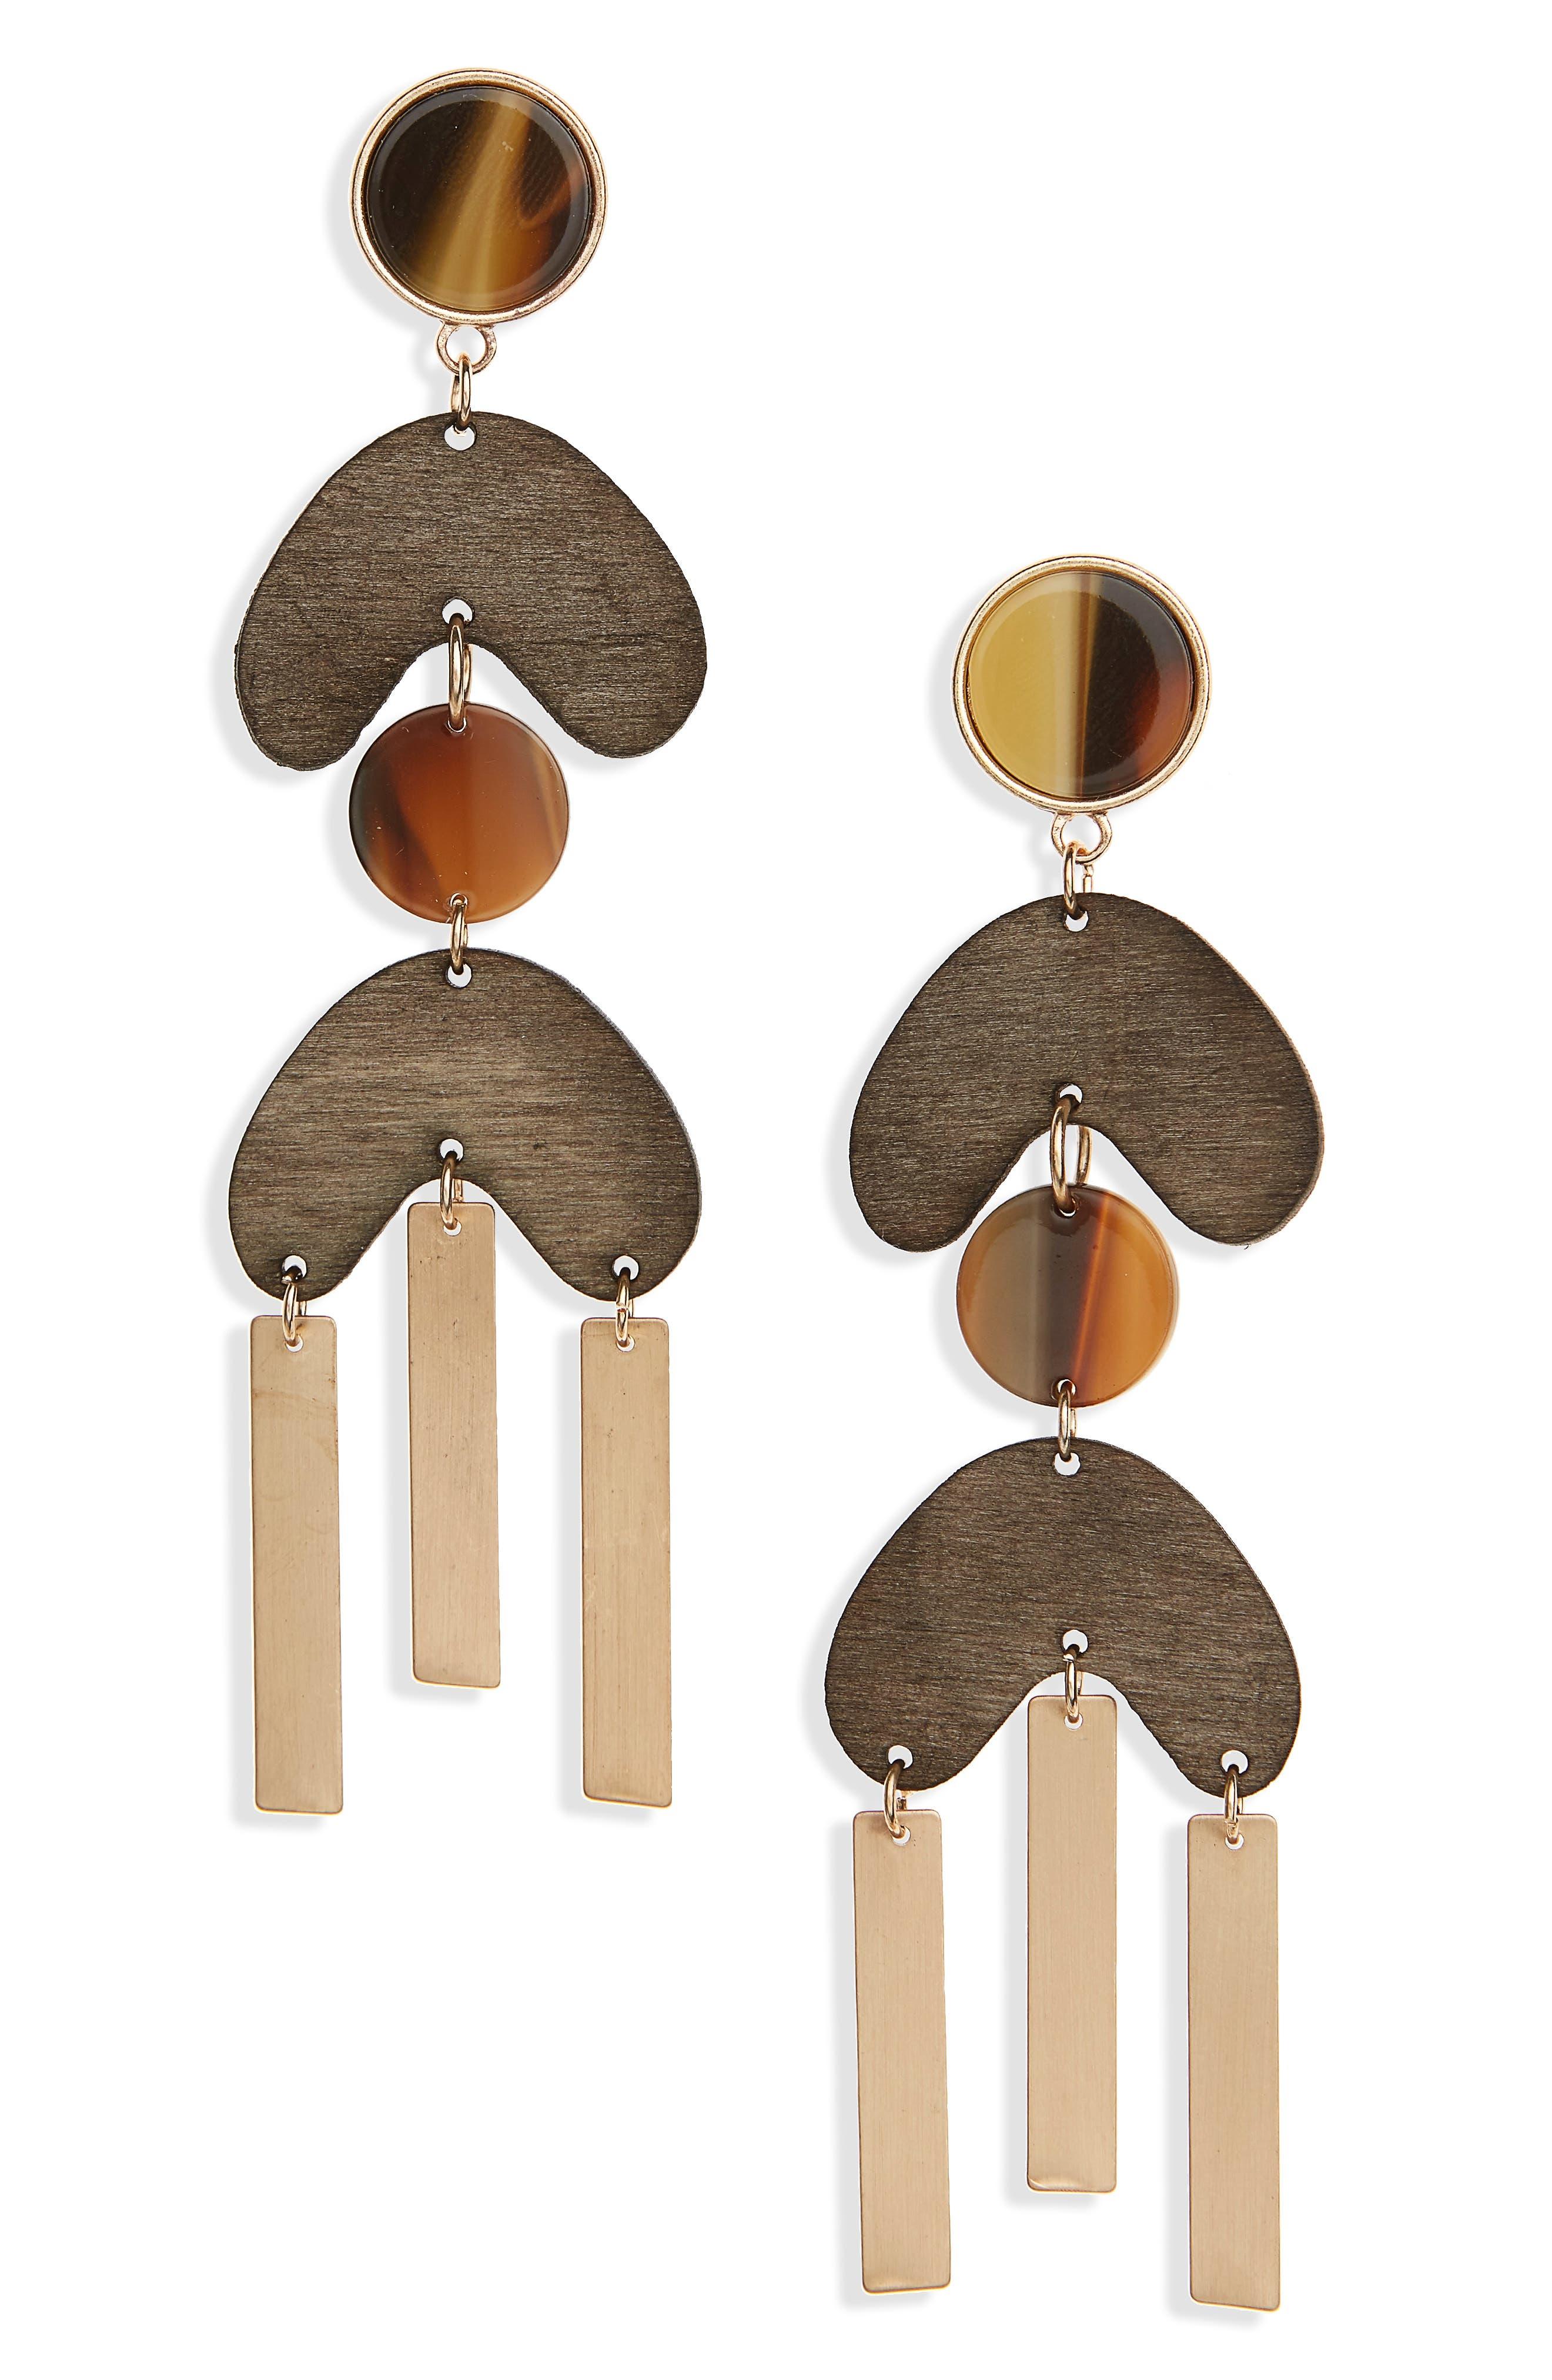 Wood & Metal Drop Earrings,                             Main thumbnail 1, color,                             Gold/ Brown